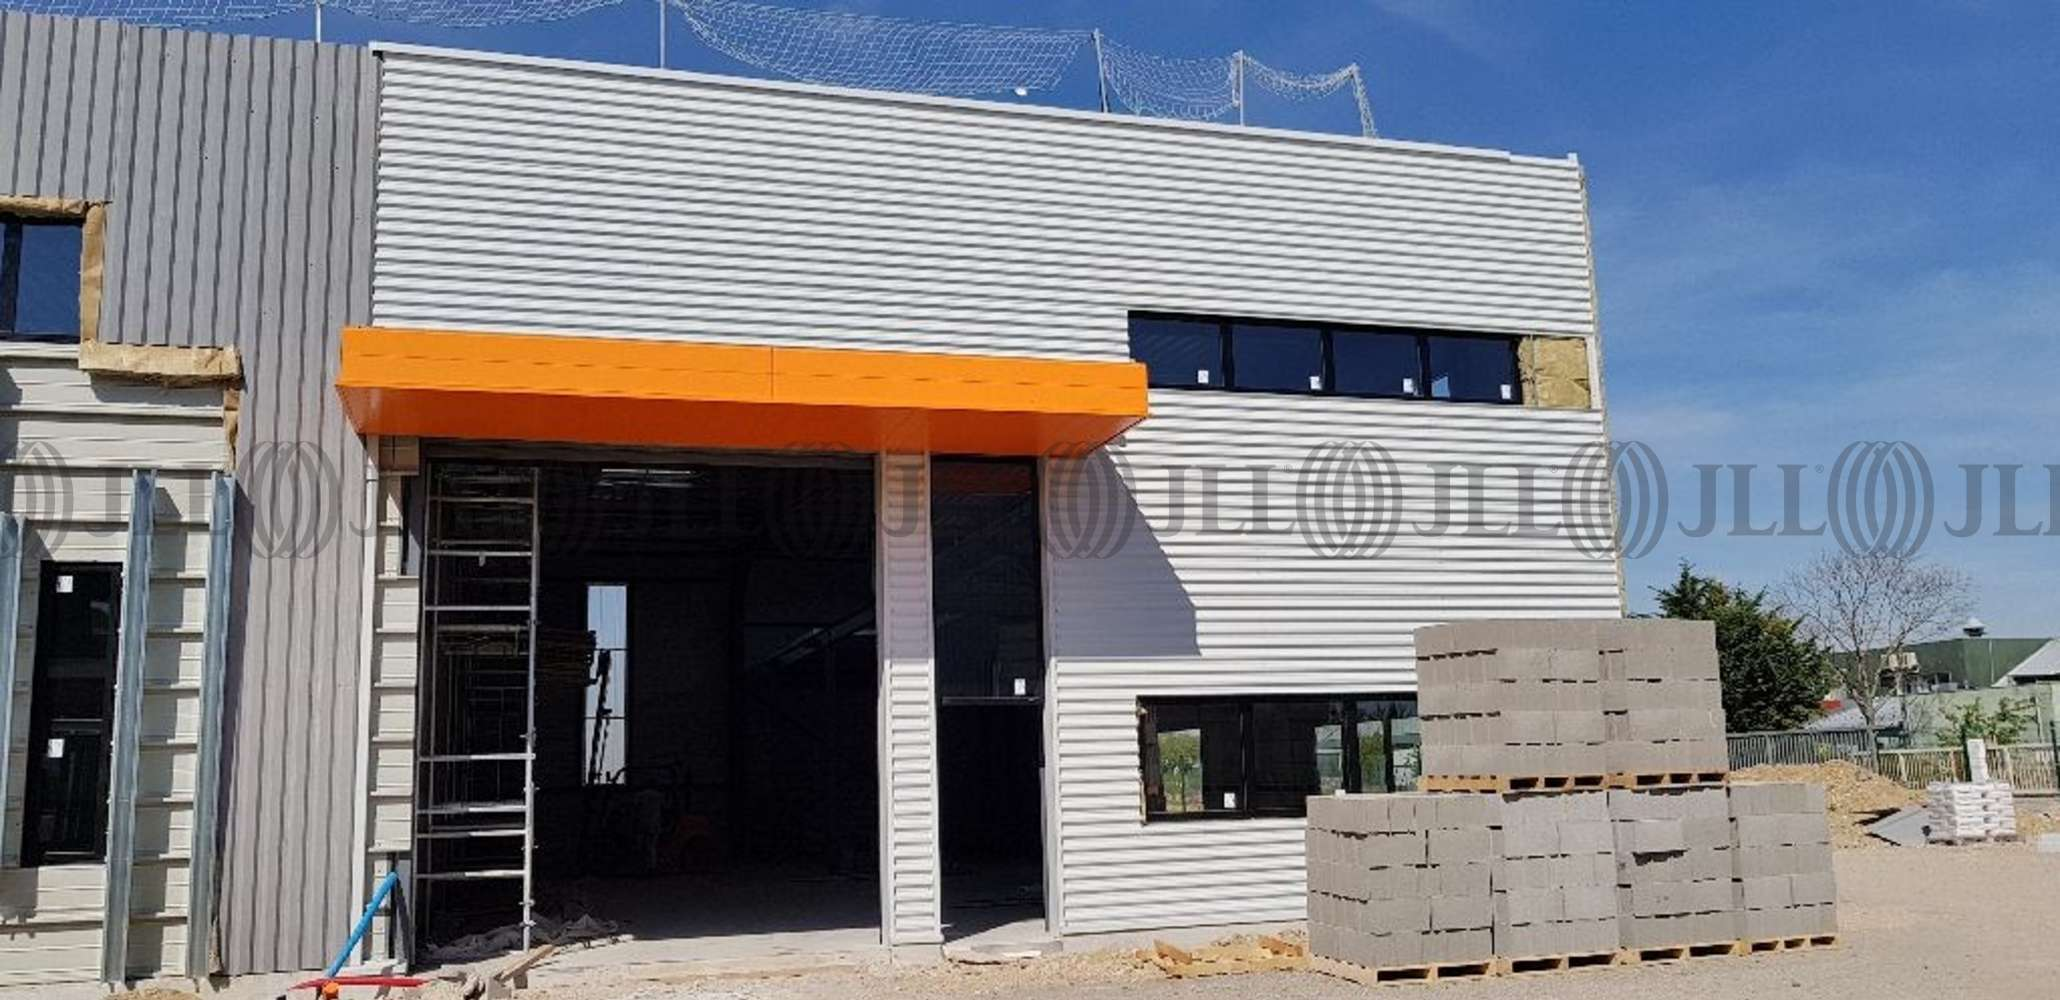 Activités/entrepôt Corbas, 69960 - ENTREPOT À VENDRE CORBAS (LYON, 69) - 9854569